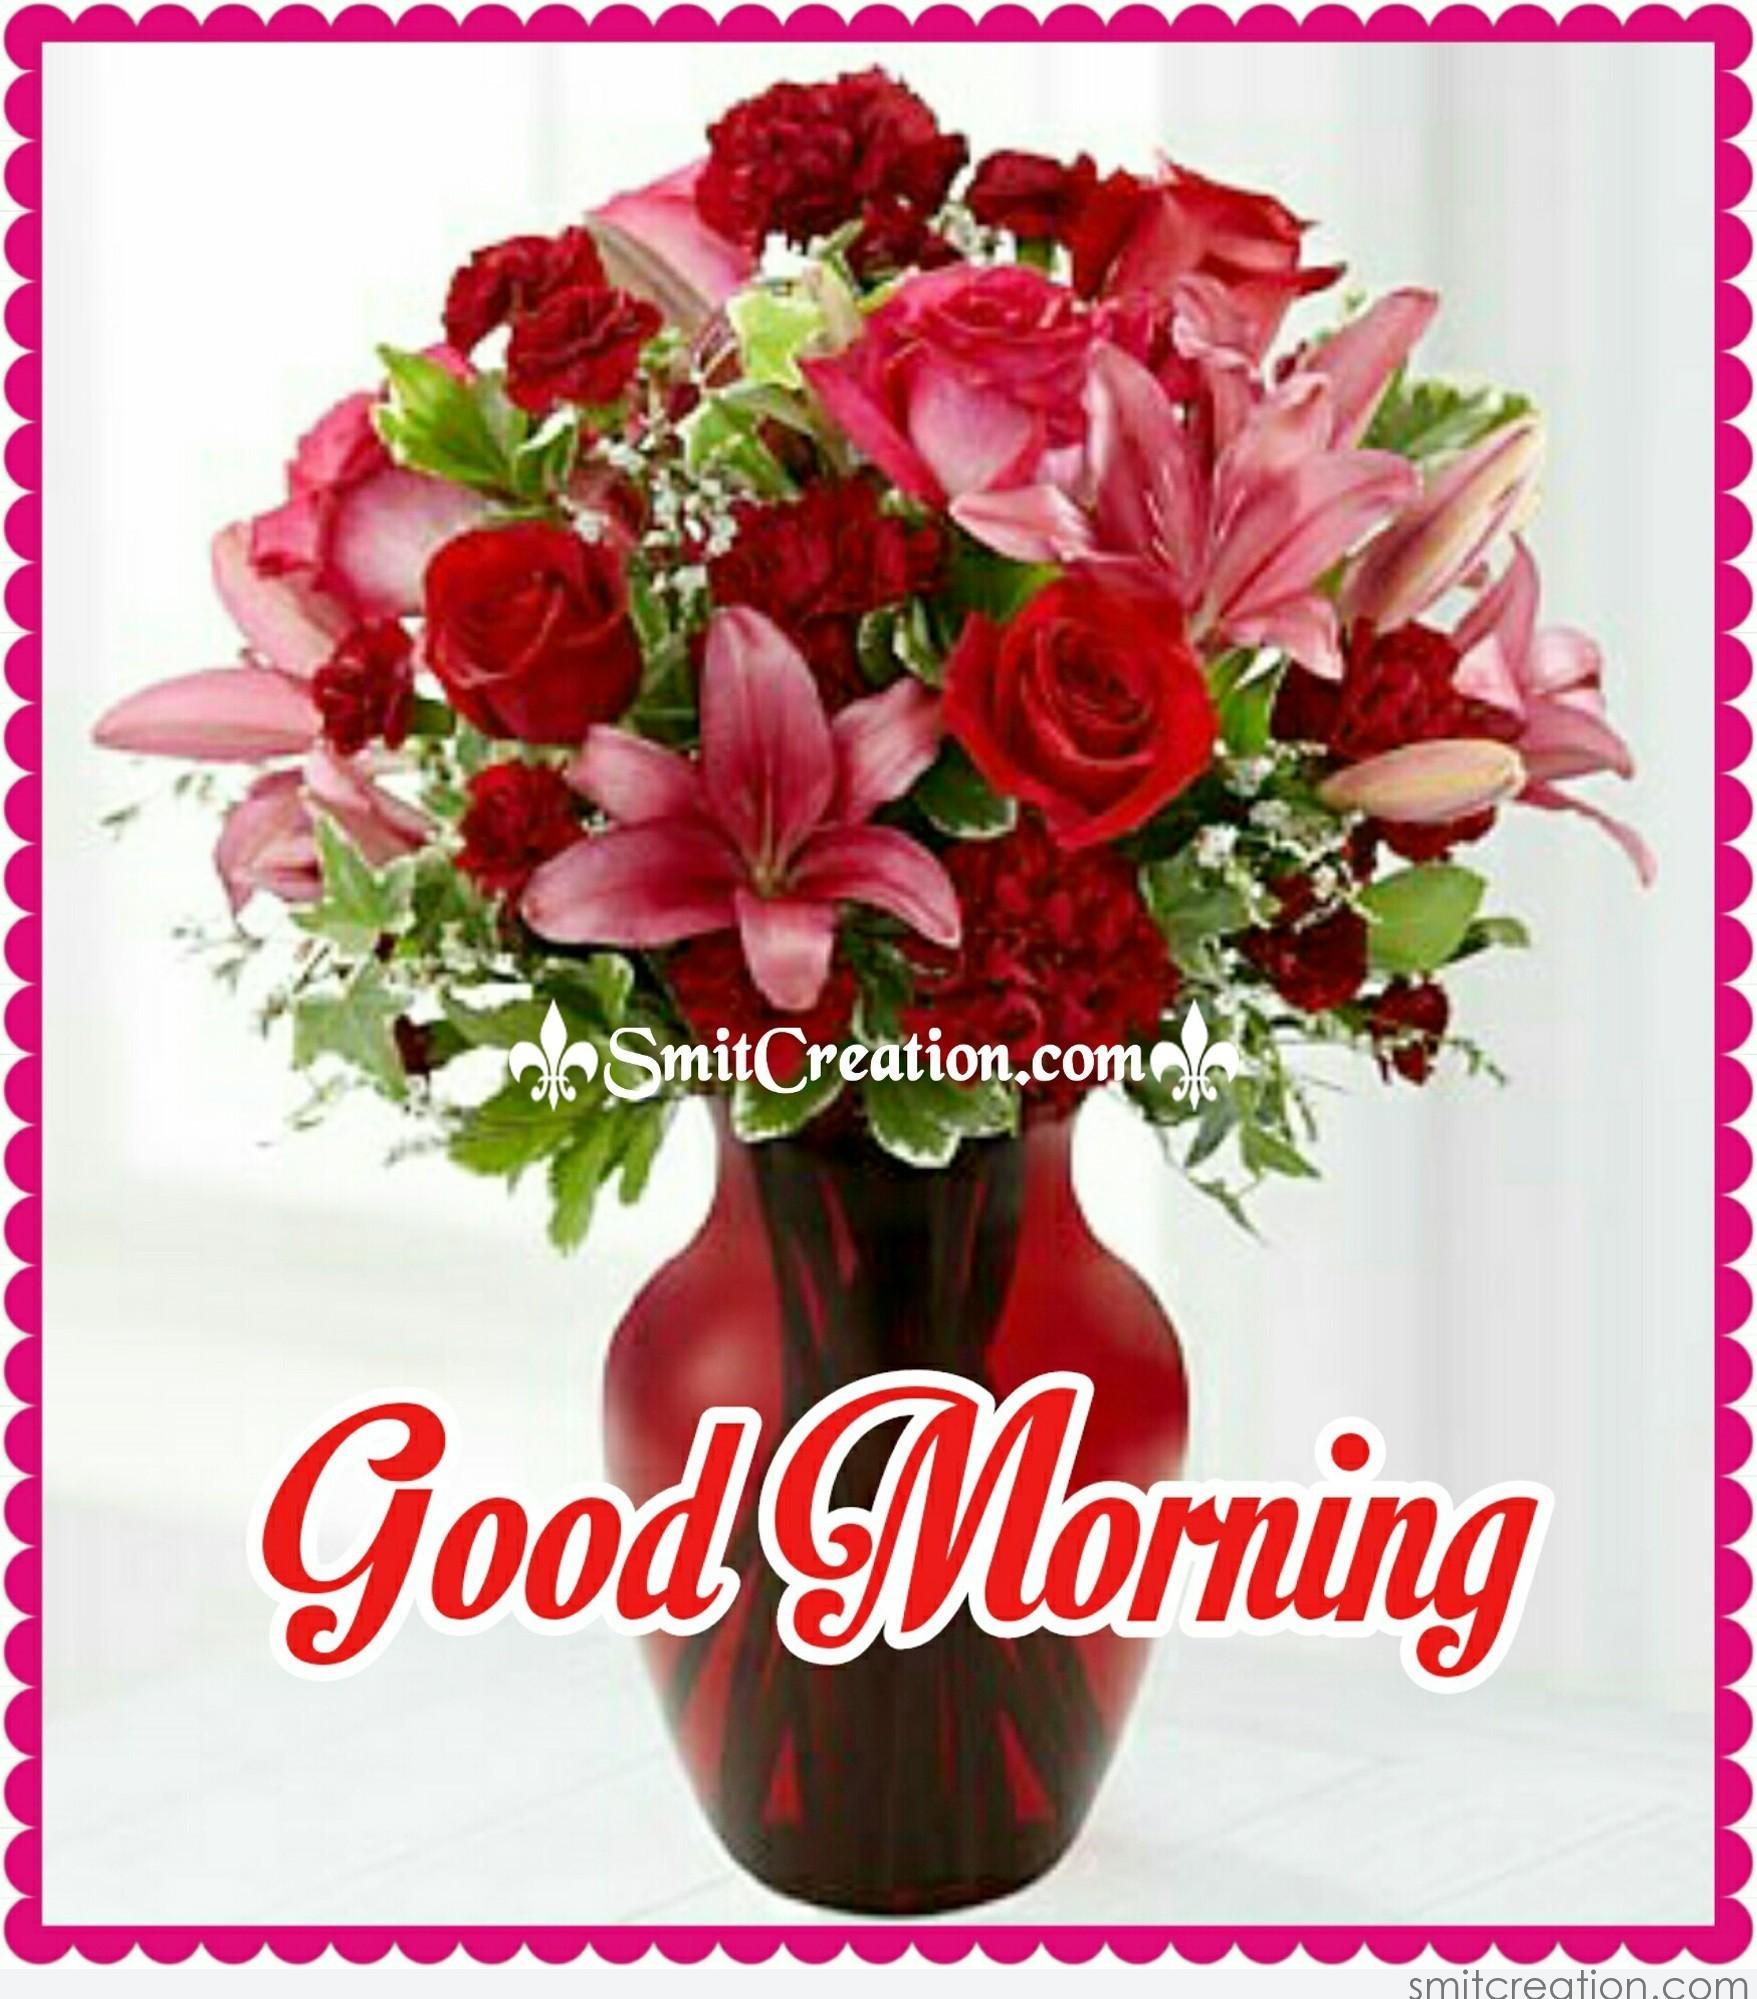 Good Morning Flower Vase - SmitCreation.com